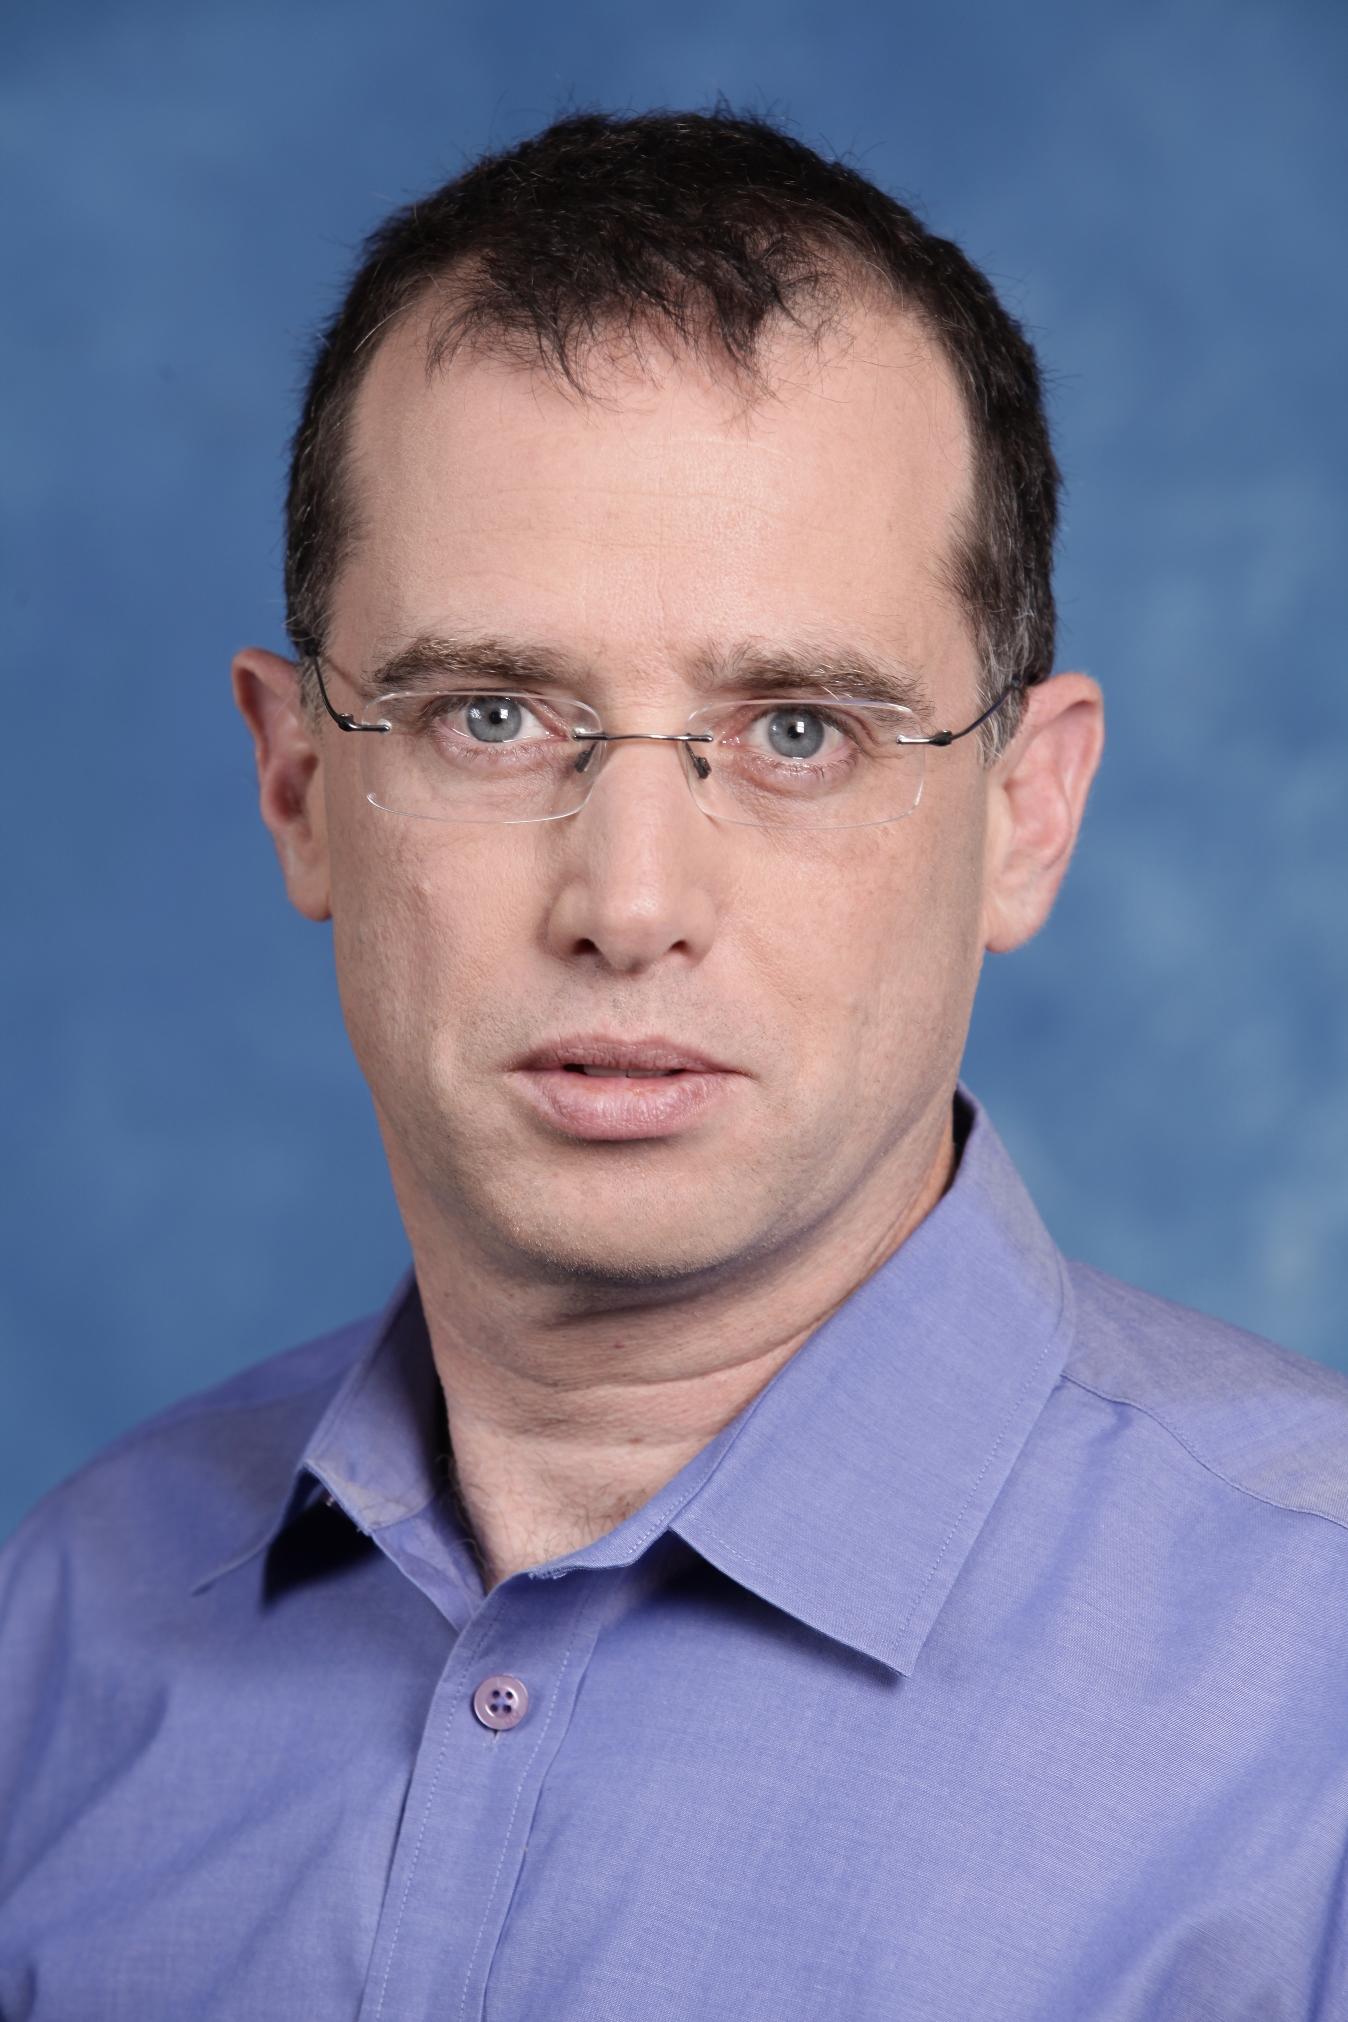 רן גוראון - מנכל פלאפון הנכנס